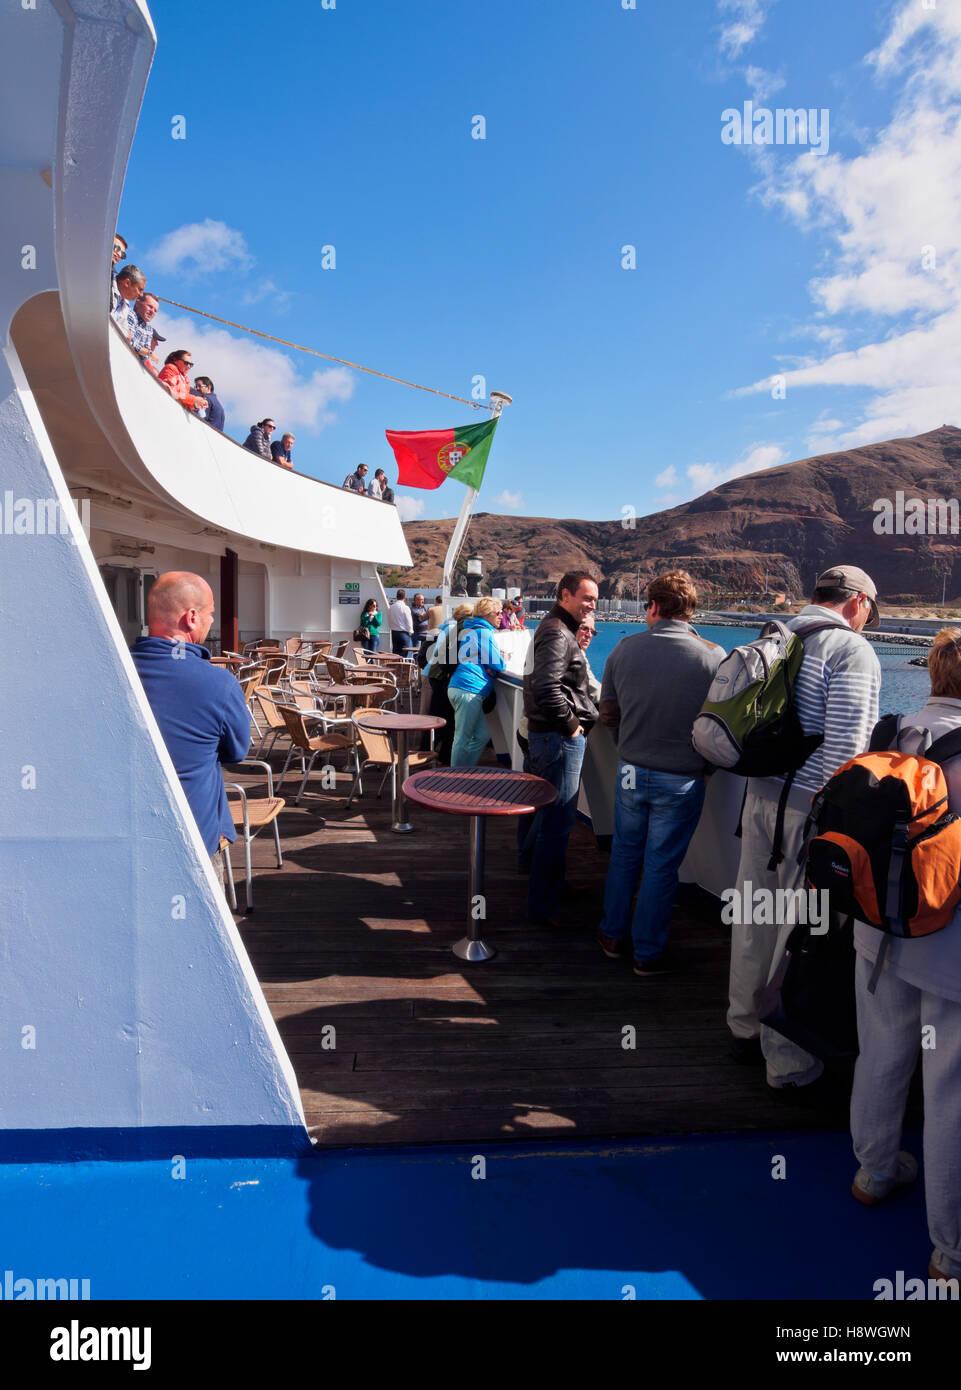 Portugal, Madeira Islands, Porto Santo, View of the Porto Santo Line Ferry in the Porto de Abrigo. - Stock Image